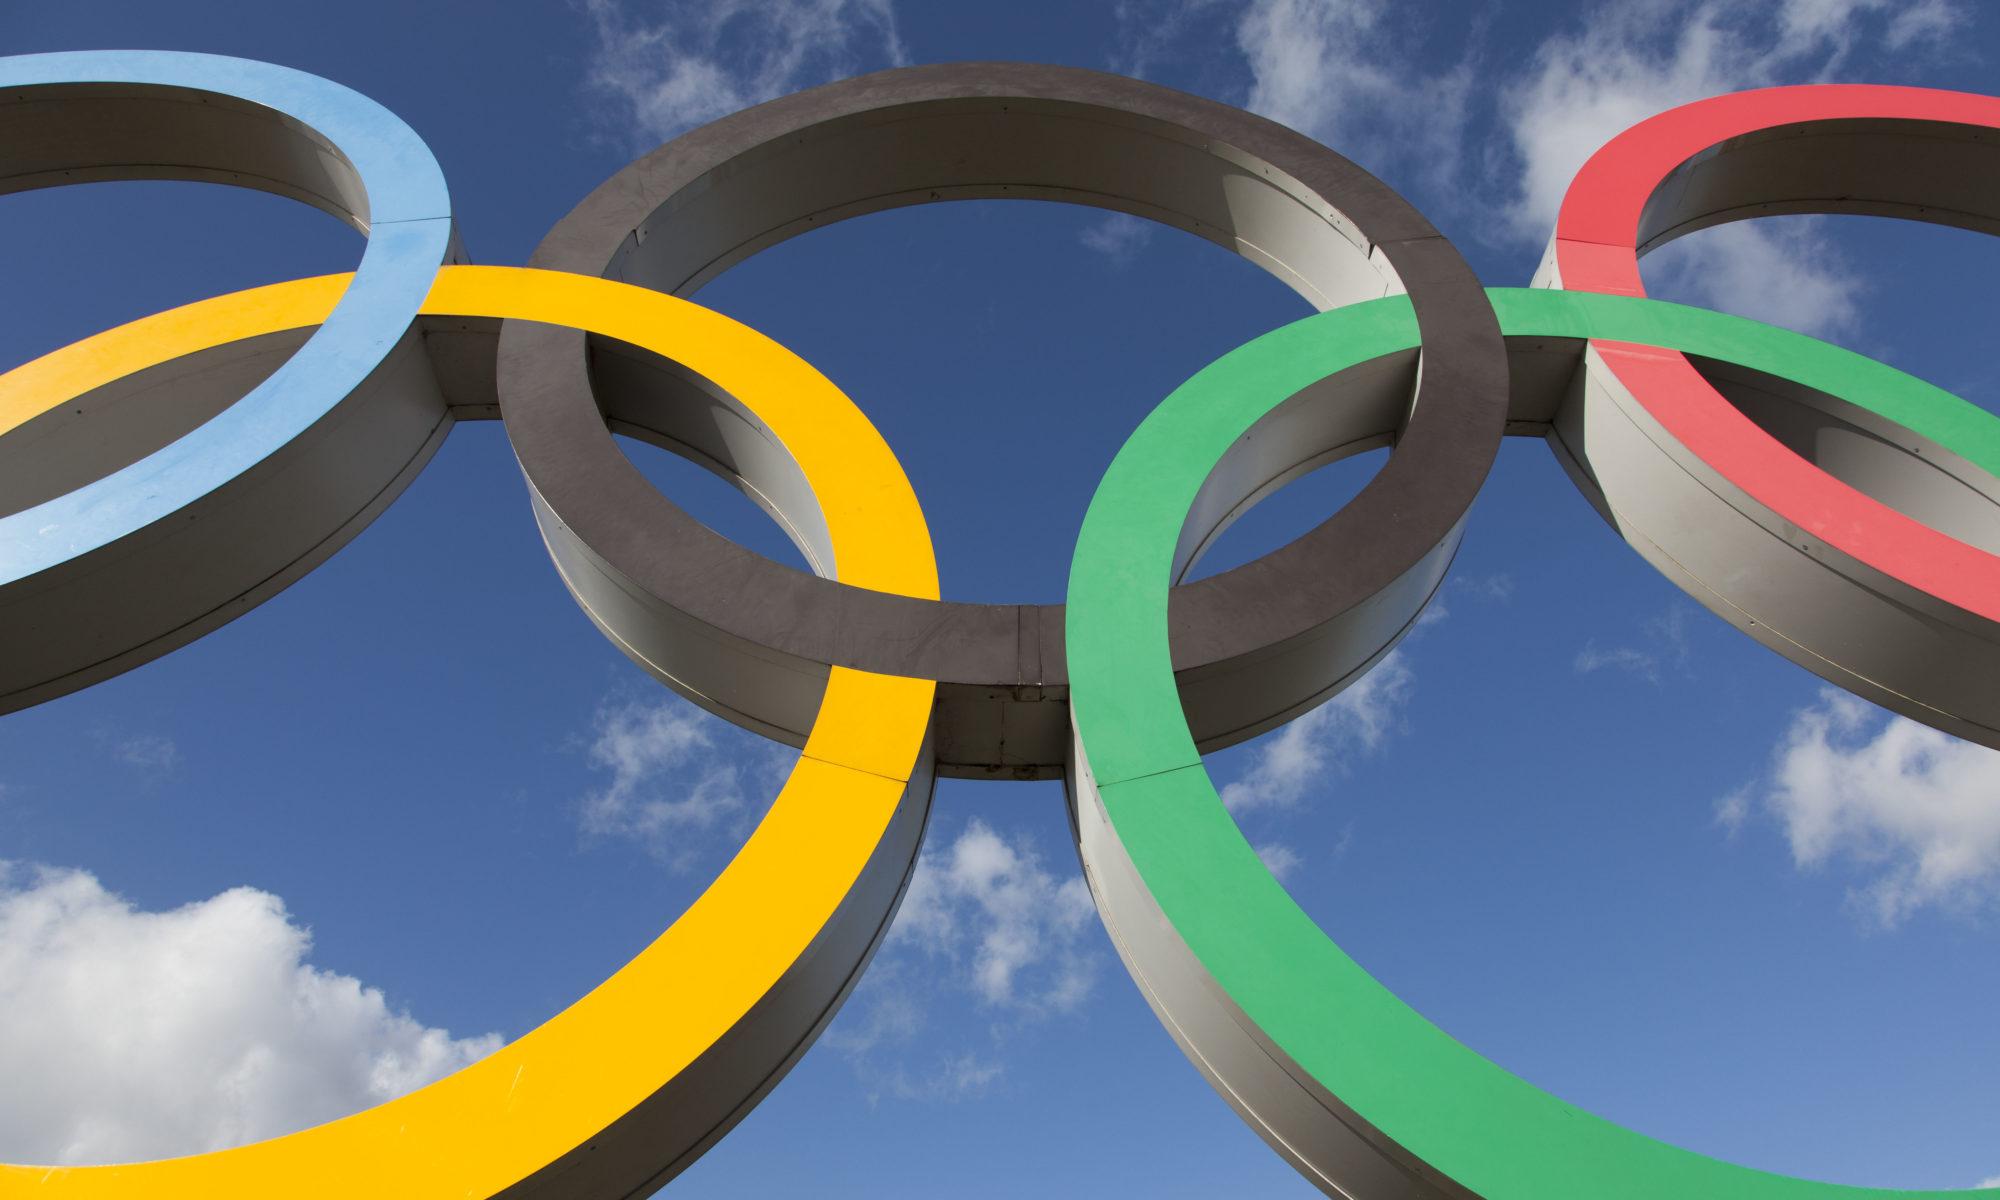 koła olimpijskie na tle błekitnego nieba